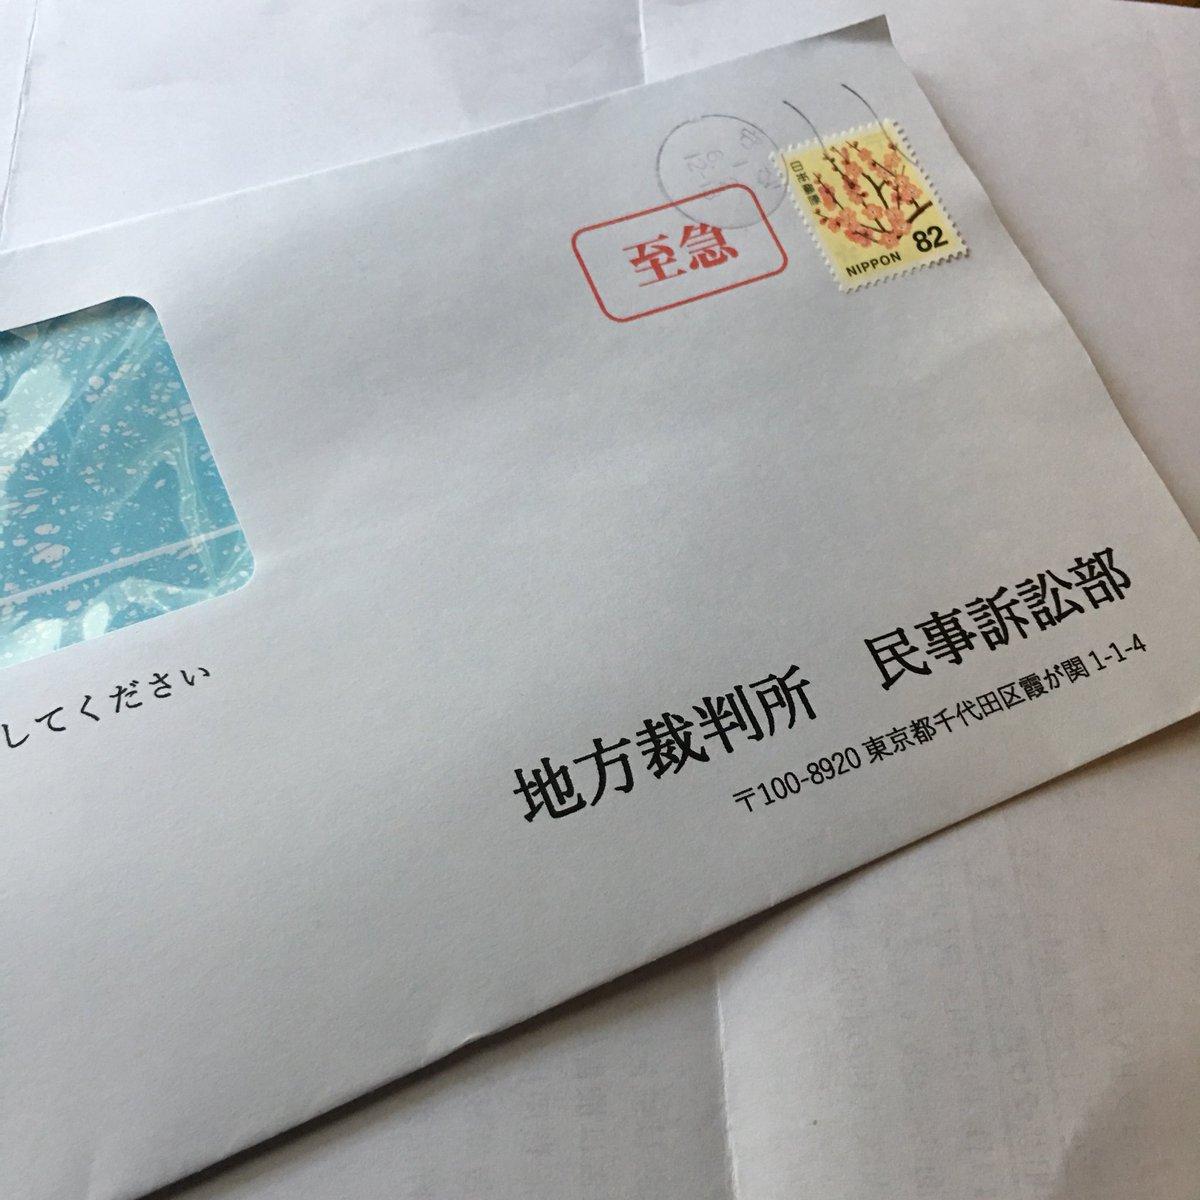 無視 Nhk 封筒